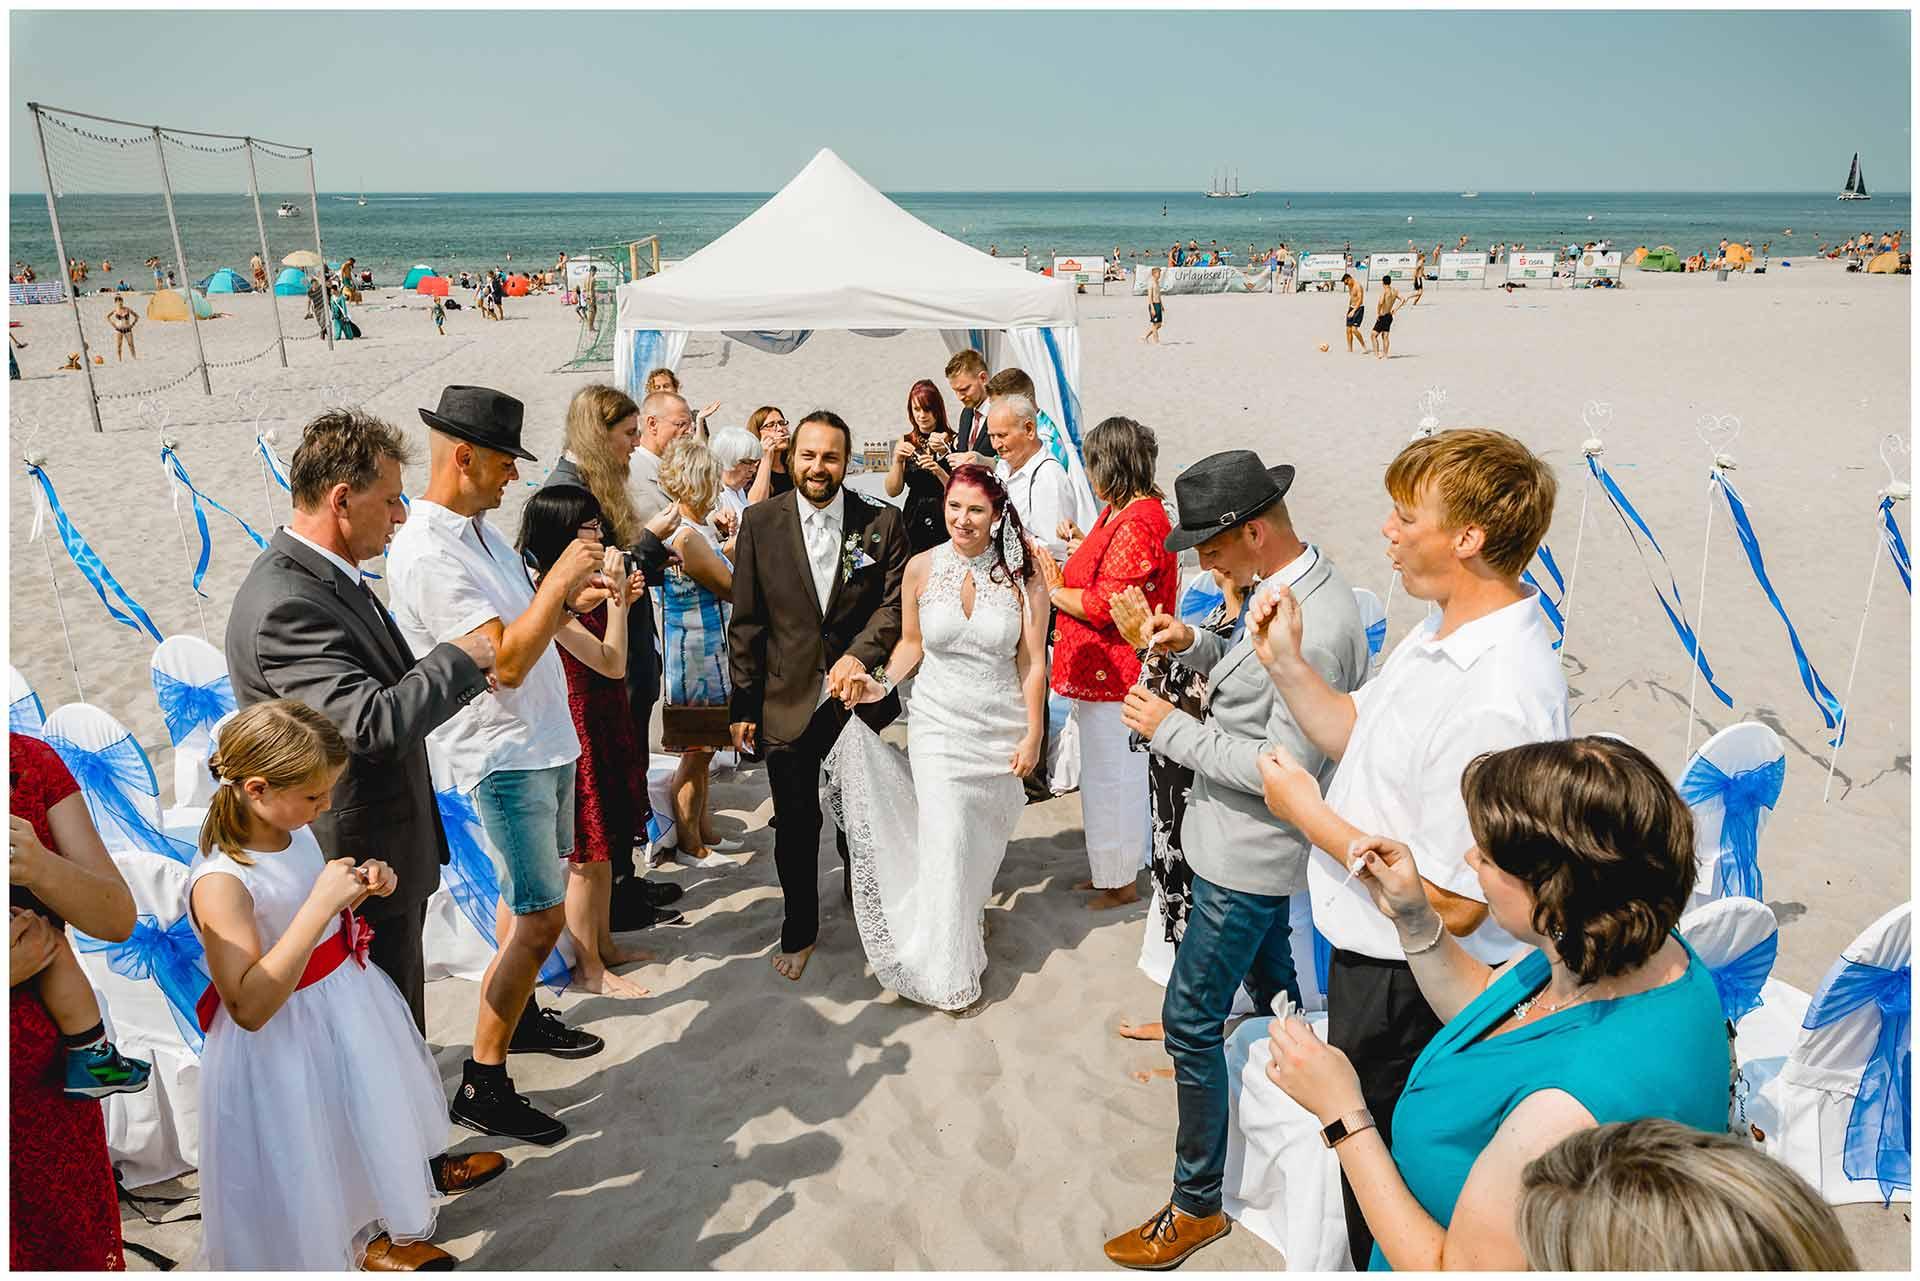 Brautpaar-nach-der-Freien-Trauung-am-Strand_Gaeste-stehen-Spalier-Hochzeit-am-Strand-Hochzeitsfotograf-Warnemuende-Hochzeitsfotograf-Rostock-Hochzeitsfotograf-Ostseebad-Warnemuende